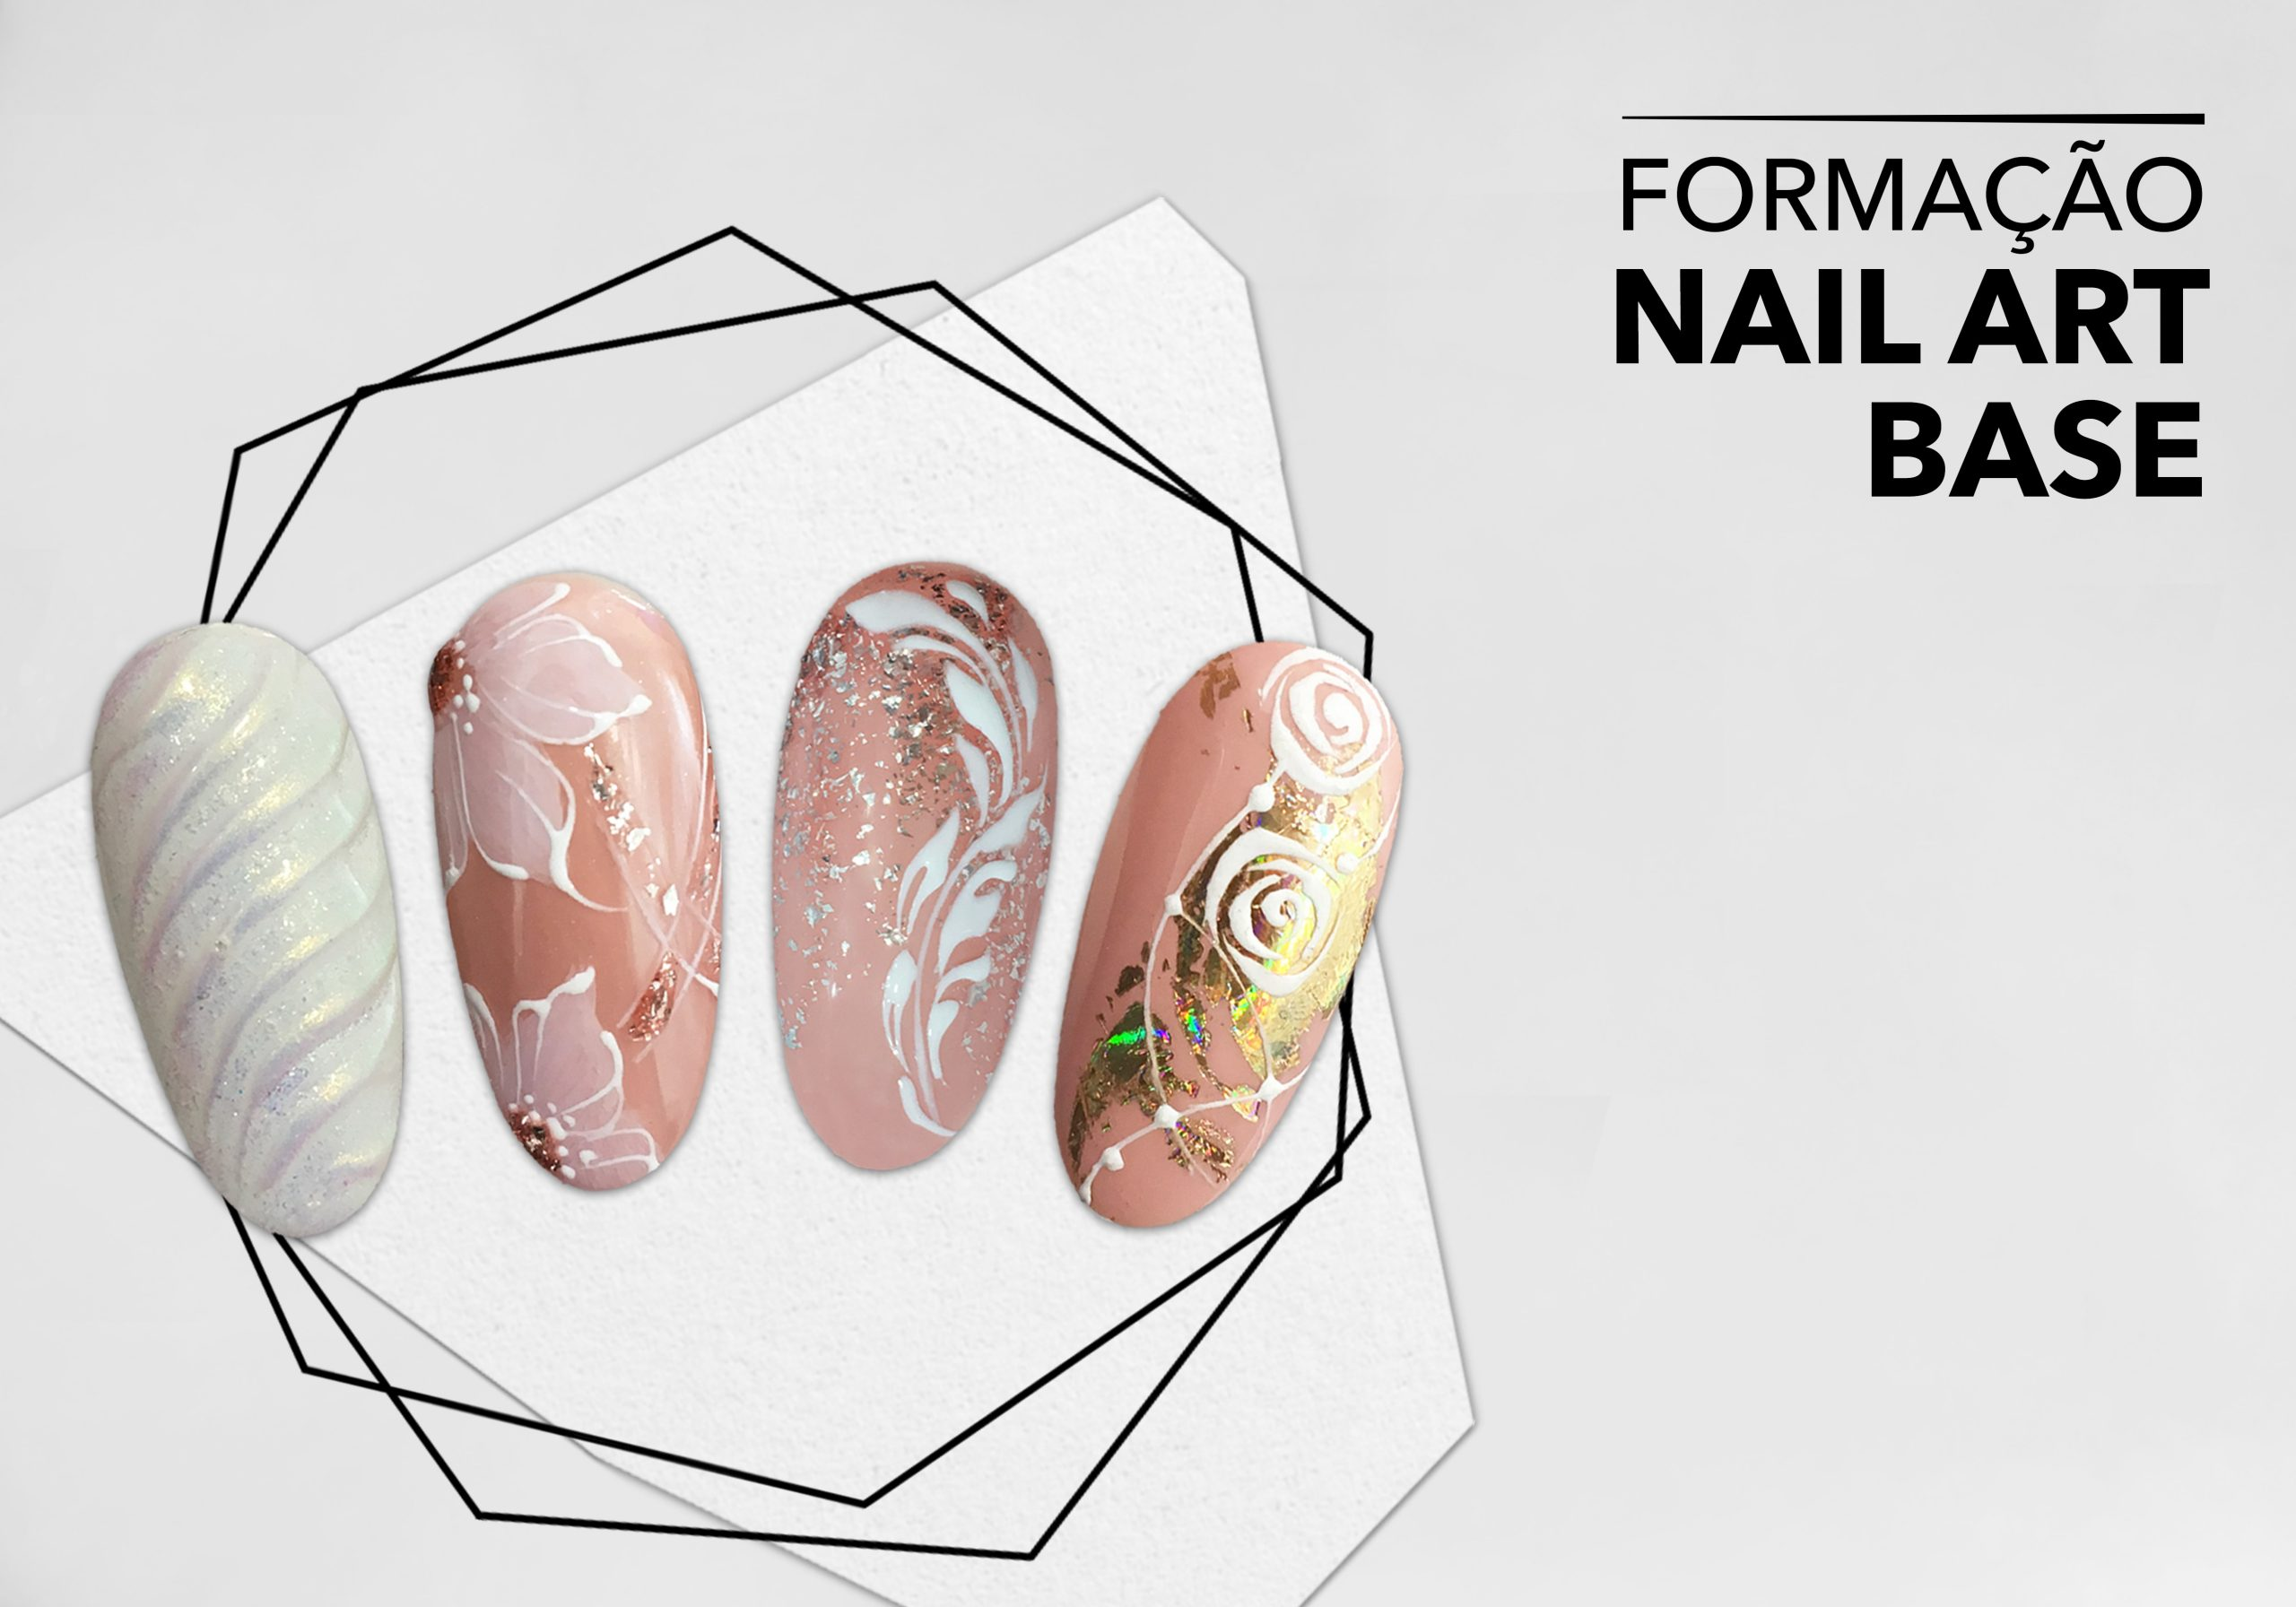 Formação Certificada Nail Art Nível Base